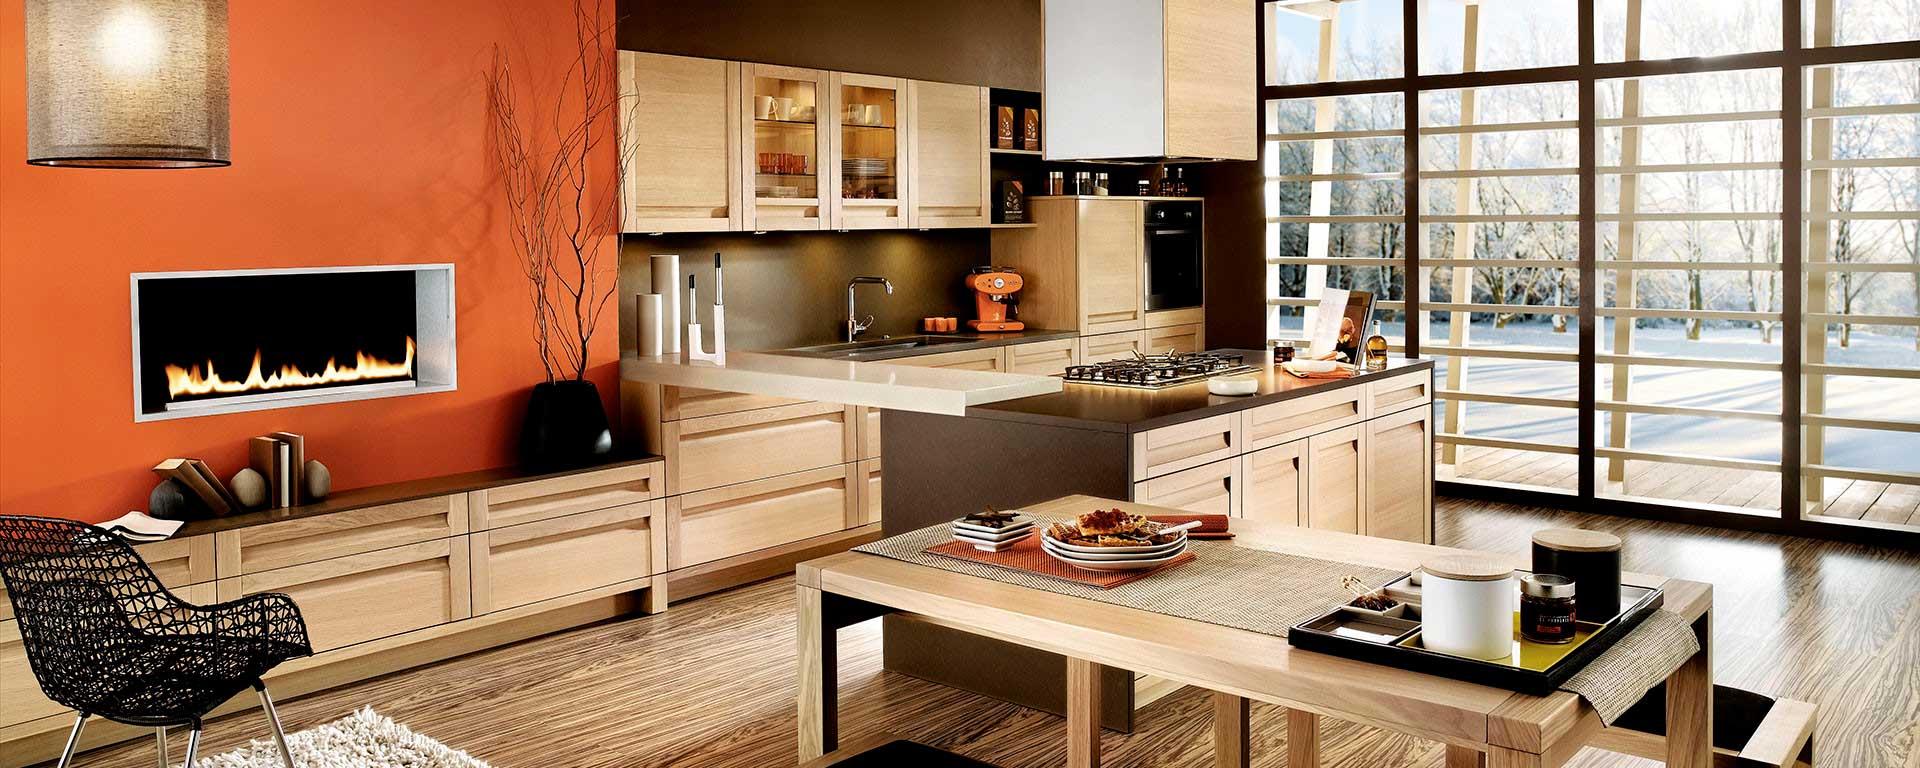 Ремонт кухни 9 кв. метров